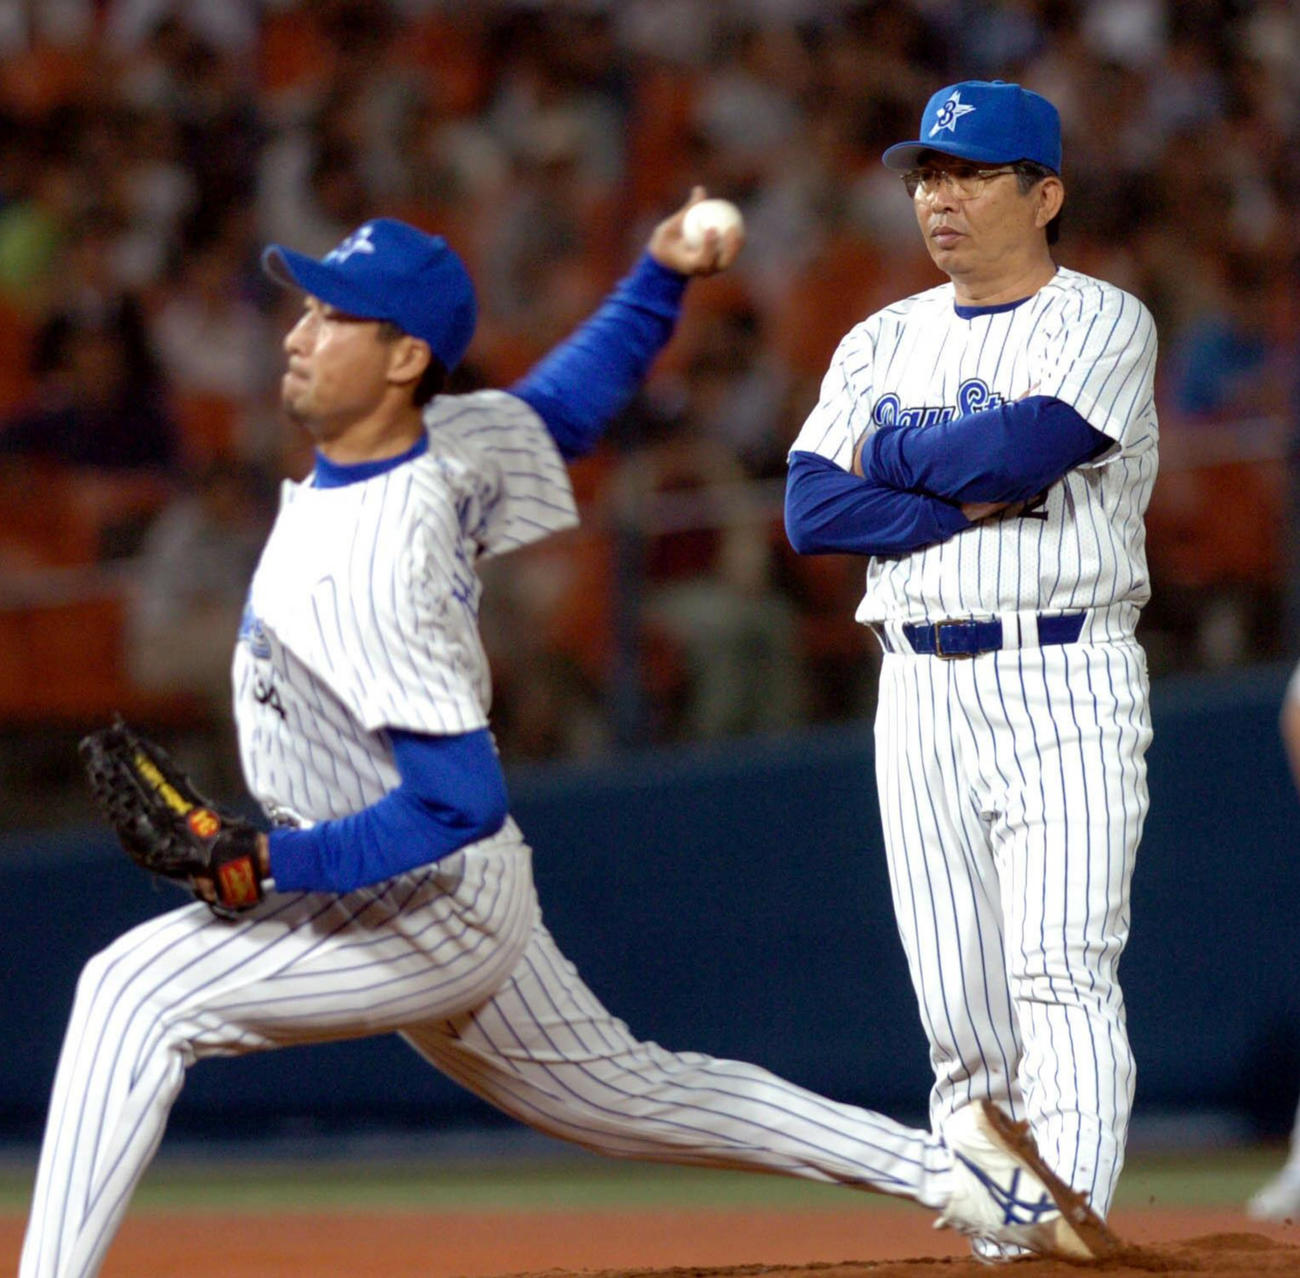 04年6月、巨人戦で投手交代の際に投球練習を見つめる横浜の小谷正勝投手コーチ(右)